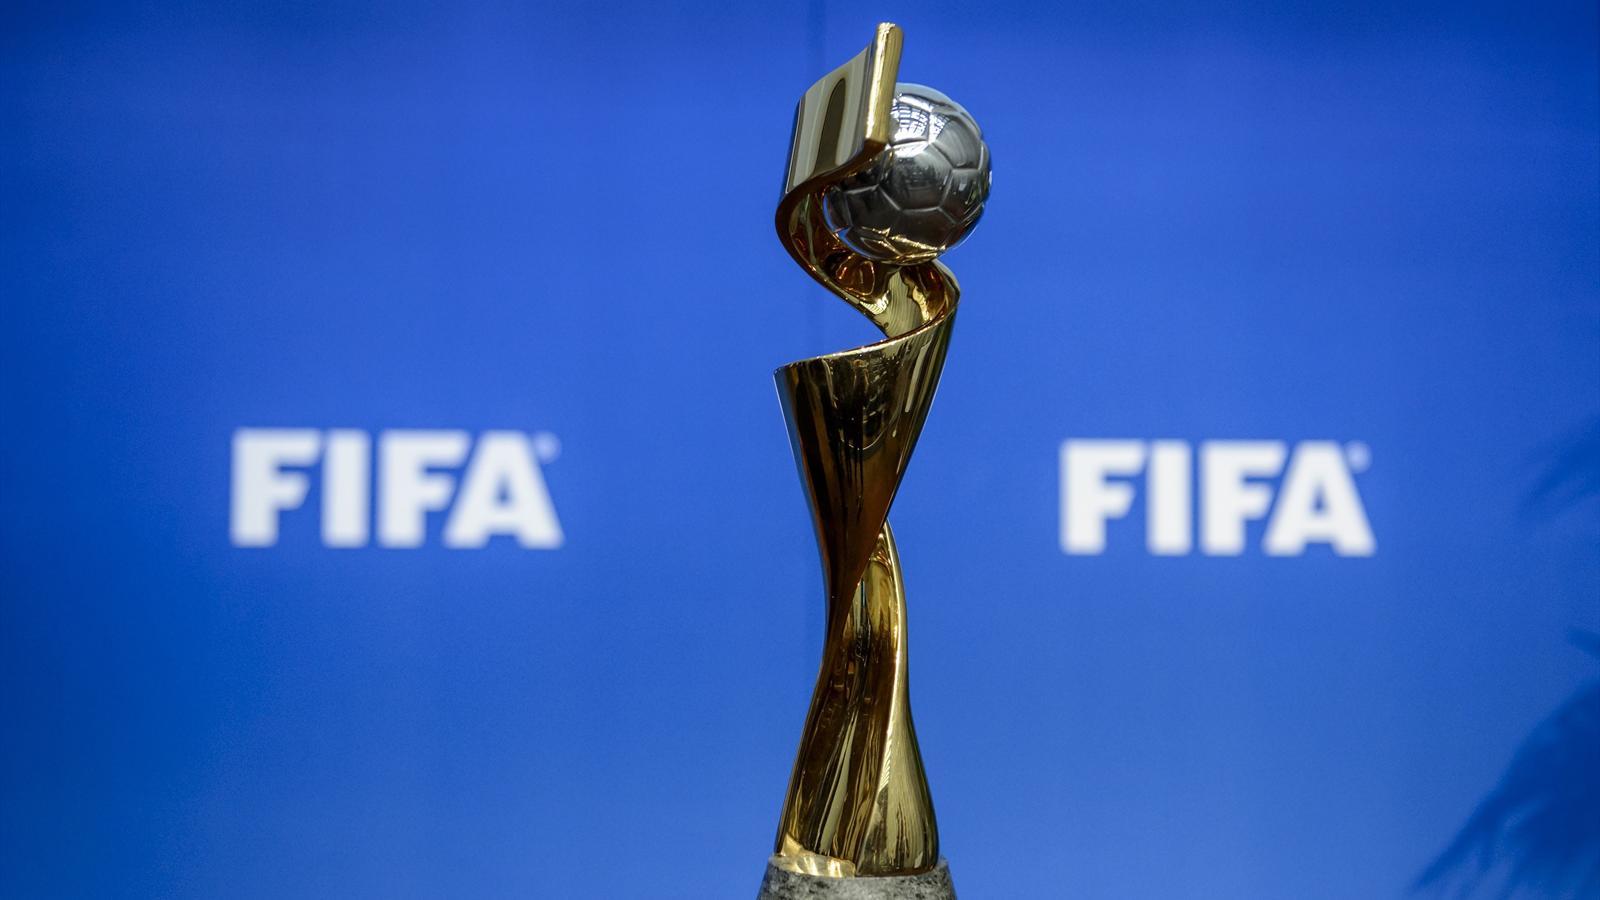 Le programme tv de la coupe du monde de football f minin 2015 coupe du monde f minine 2015 - Coupe du monde de foot feminin 2015 ...